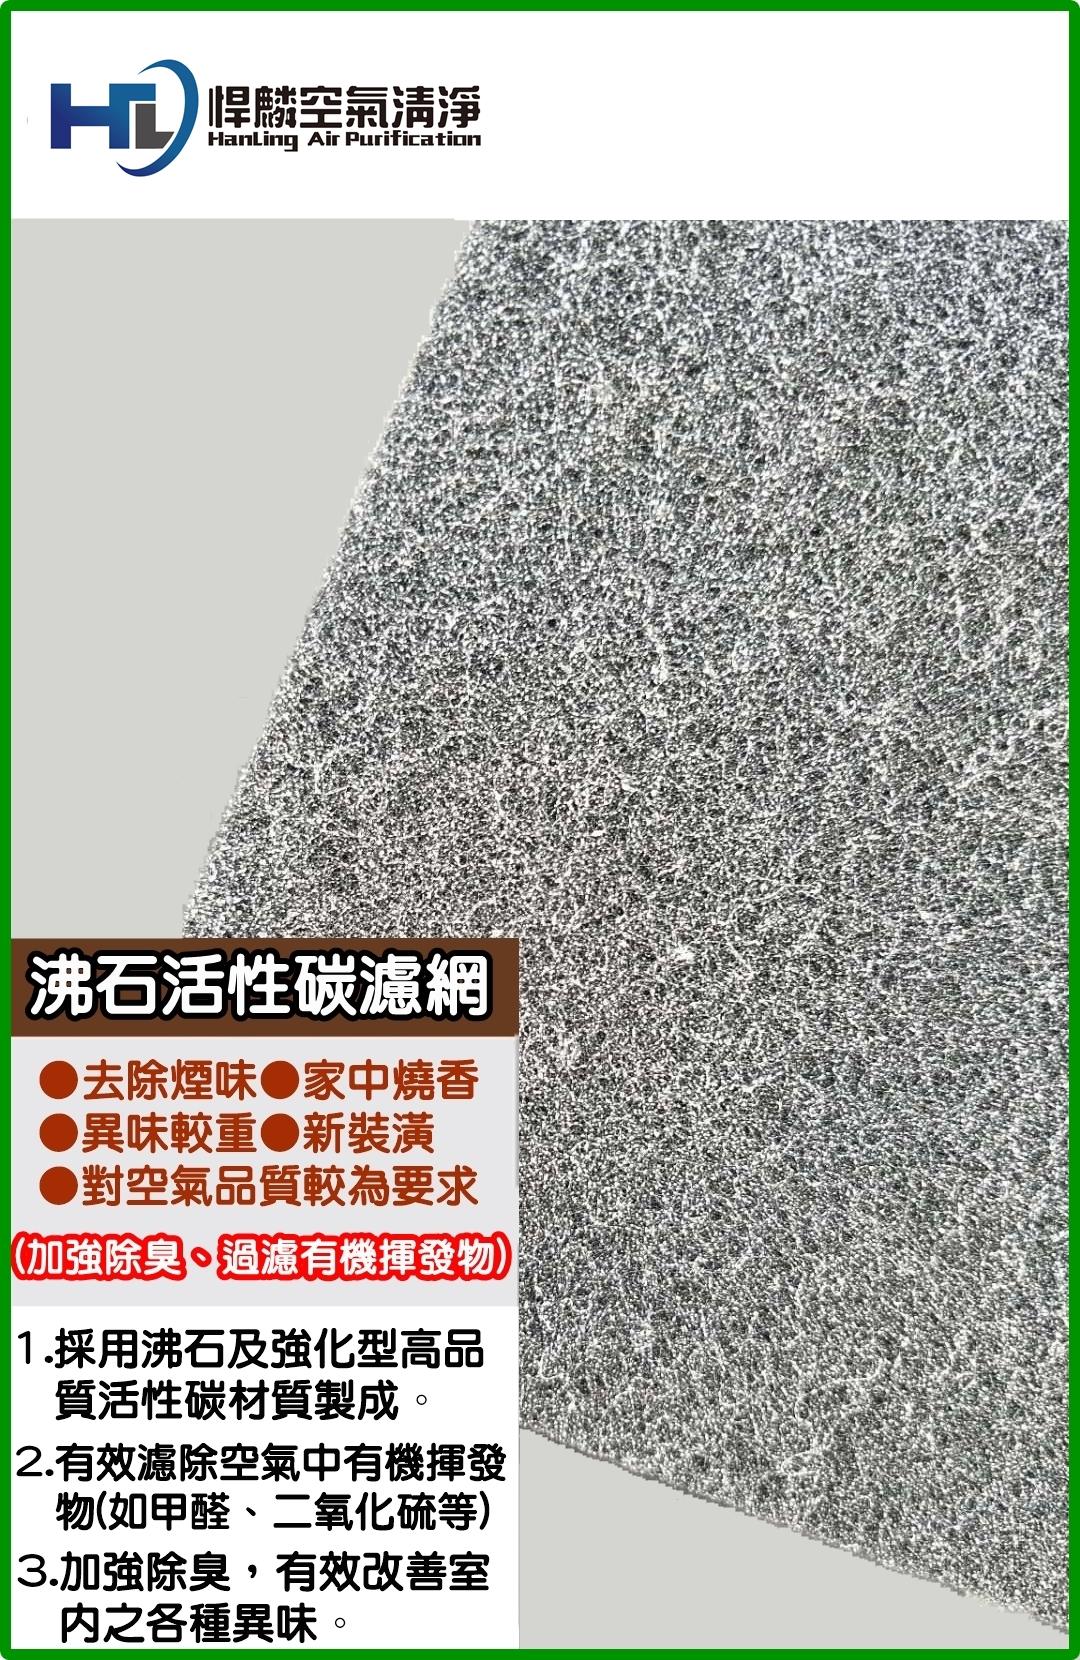 Coway 適用沸石活性碳前置濾網 (AP-1009CH / AP-1008 / AP-1009 / AP-1010)